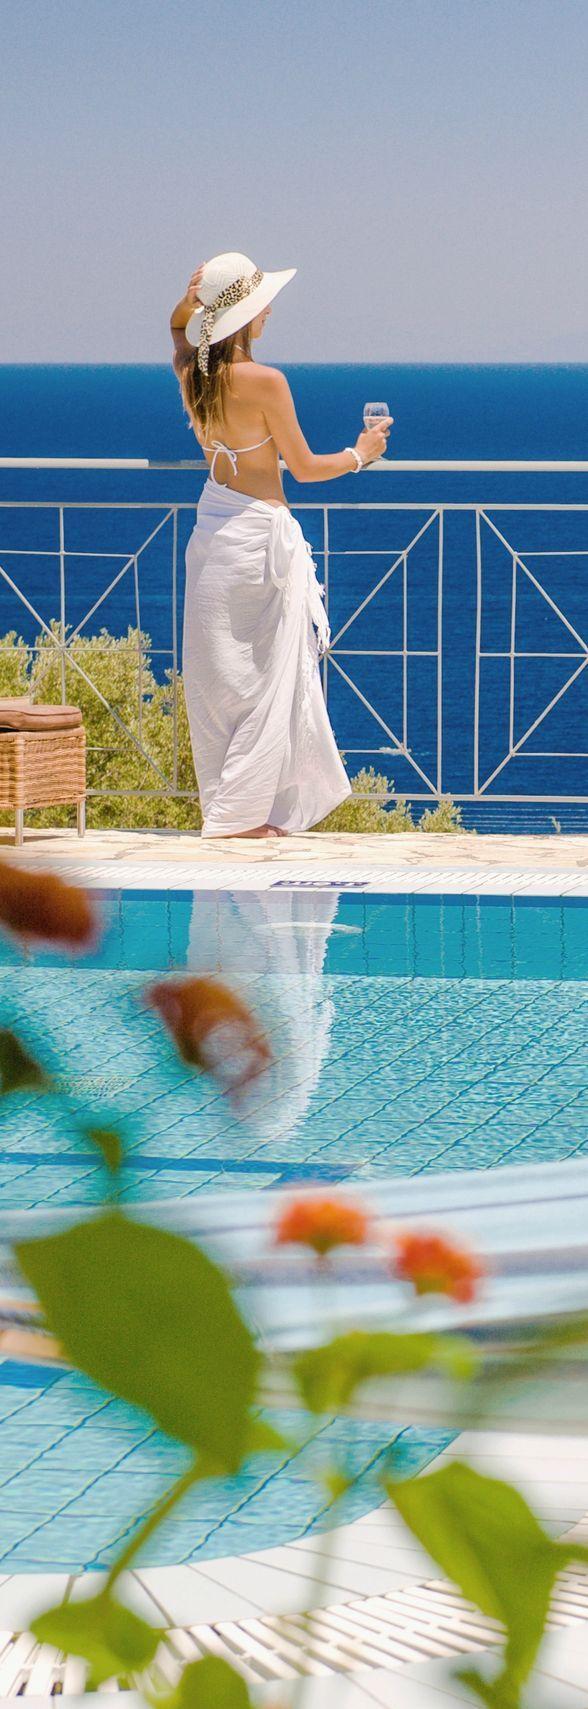 Emerald Classic #Villas, #Zakynthos, #Greece www.emerald-villas.gr